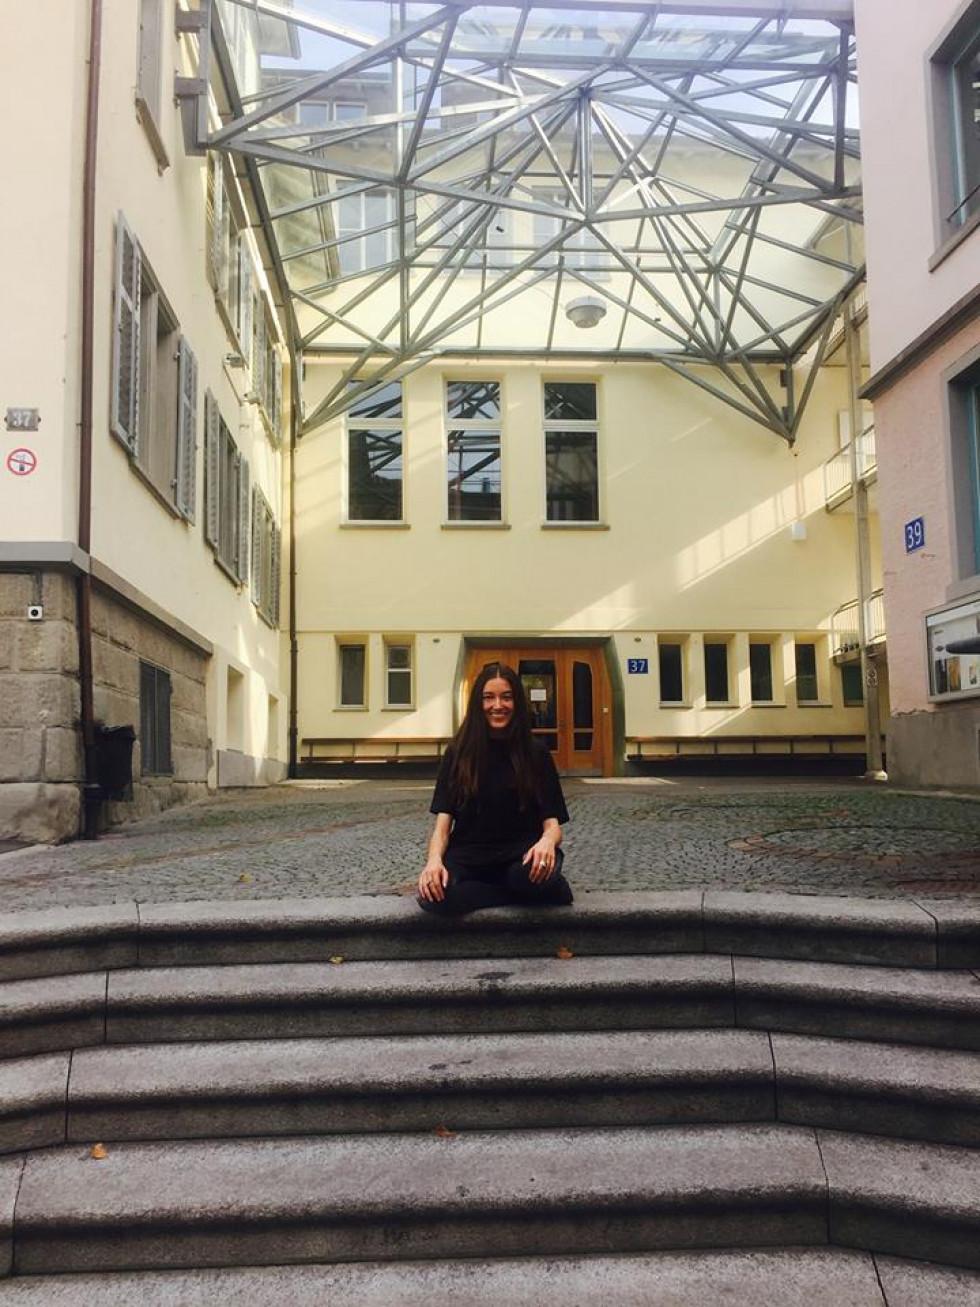 Юлія Марушко біля вальдорфської школи у Цюриху